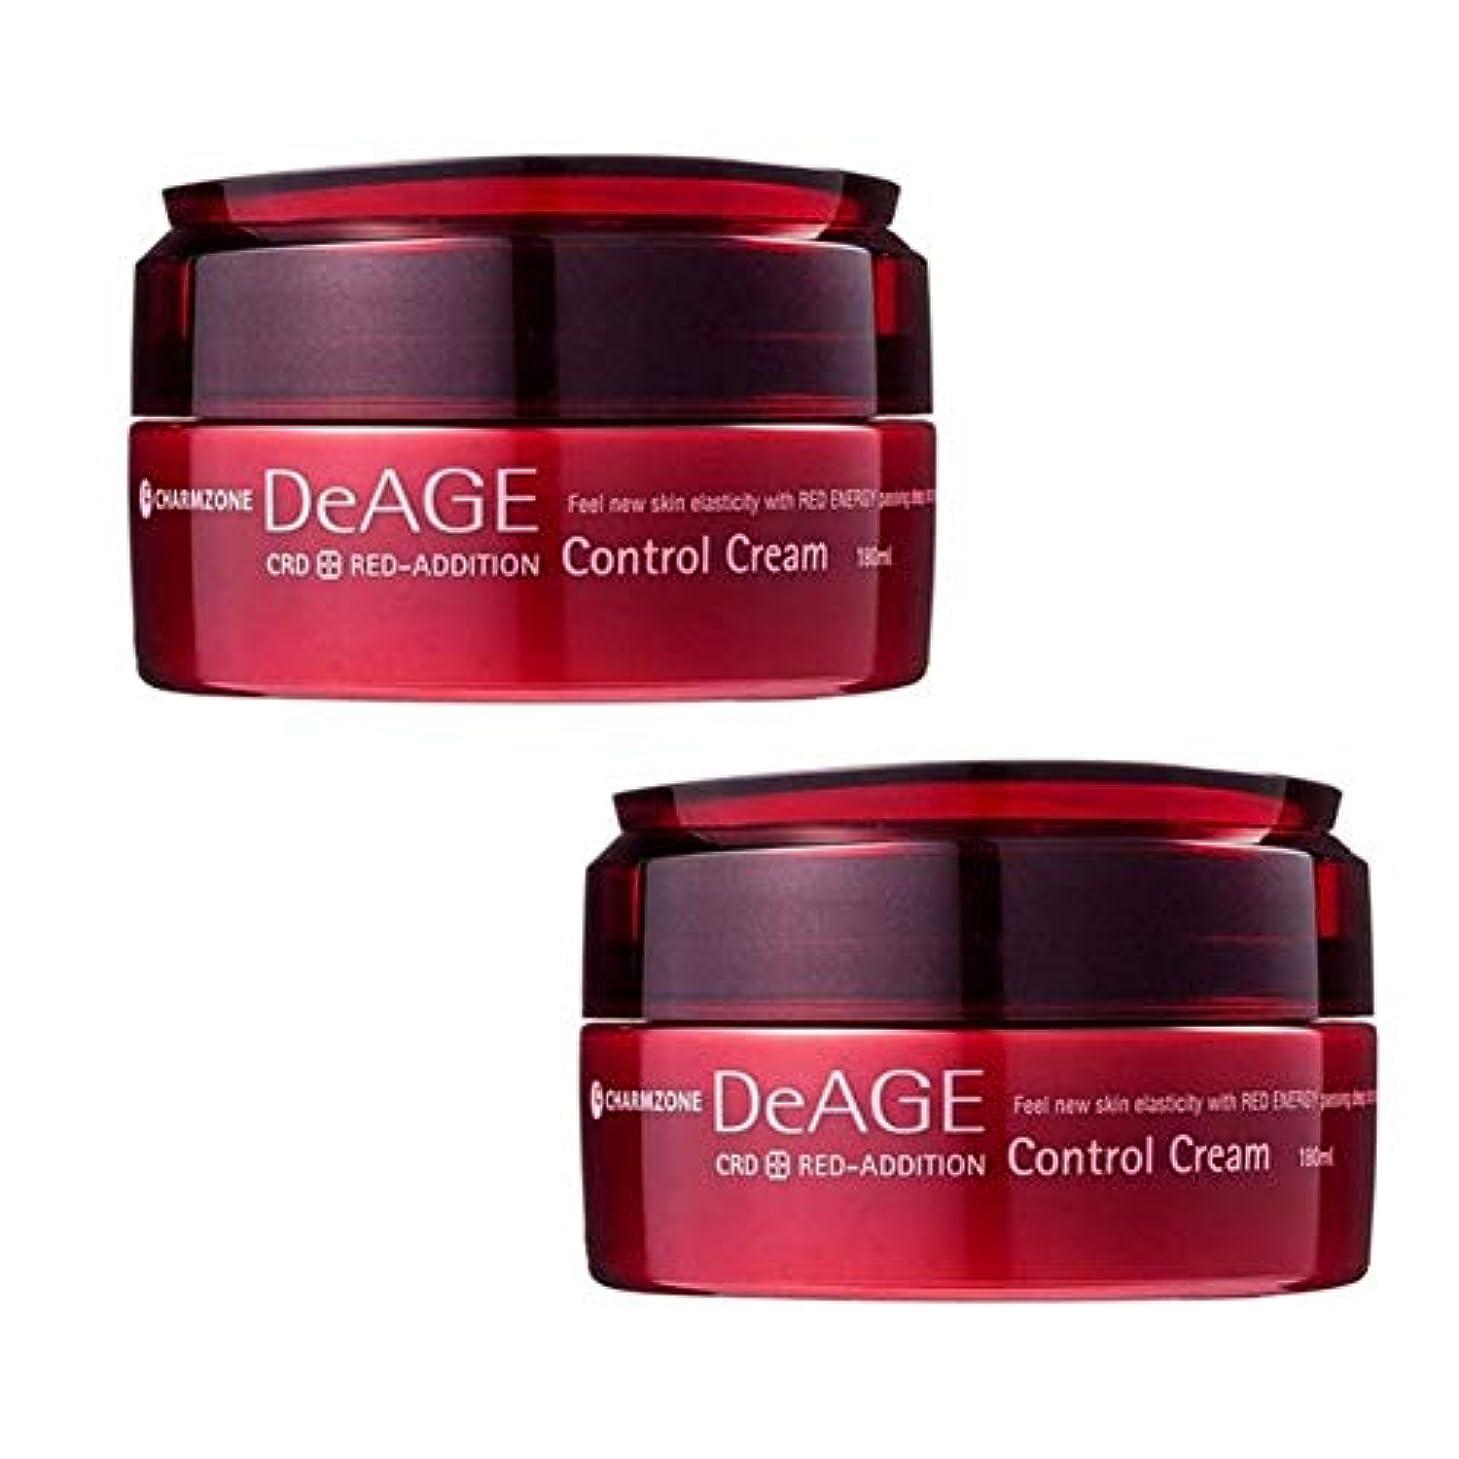 牛自然公園大腿チャムジョンディエイジレッドエディションコントロールクリーム180ml x 2本セットマッサージクリーム、Charmzone DeAGE Red-Addition Control Cream 180ml x 2ea Set...